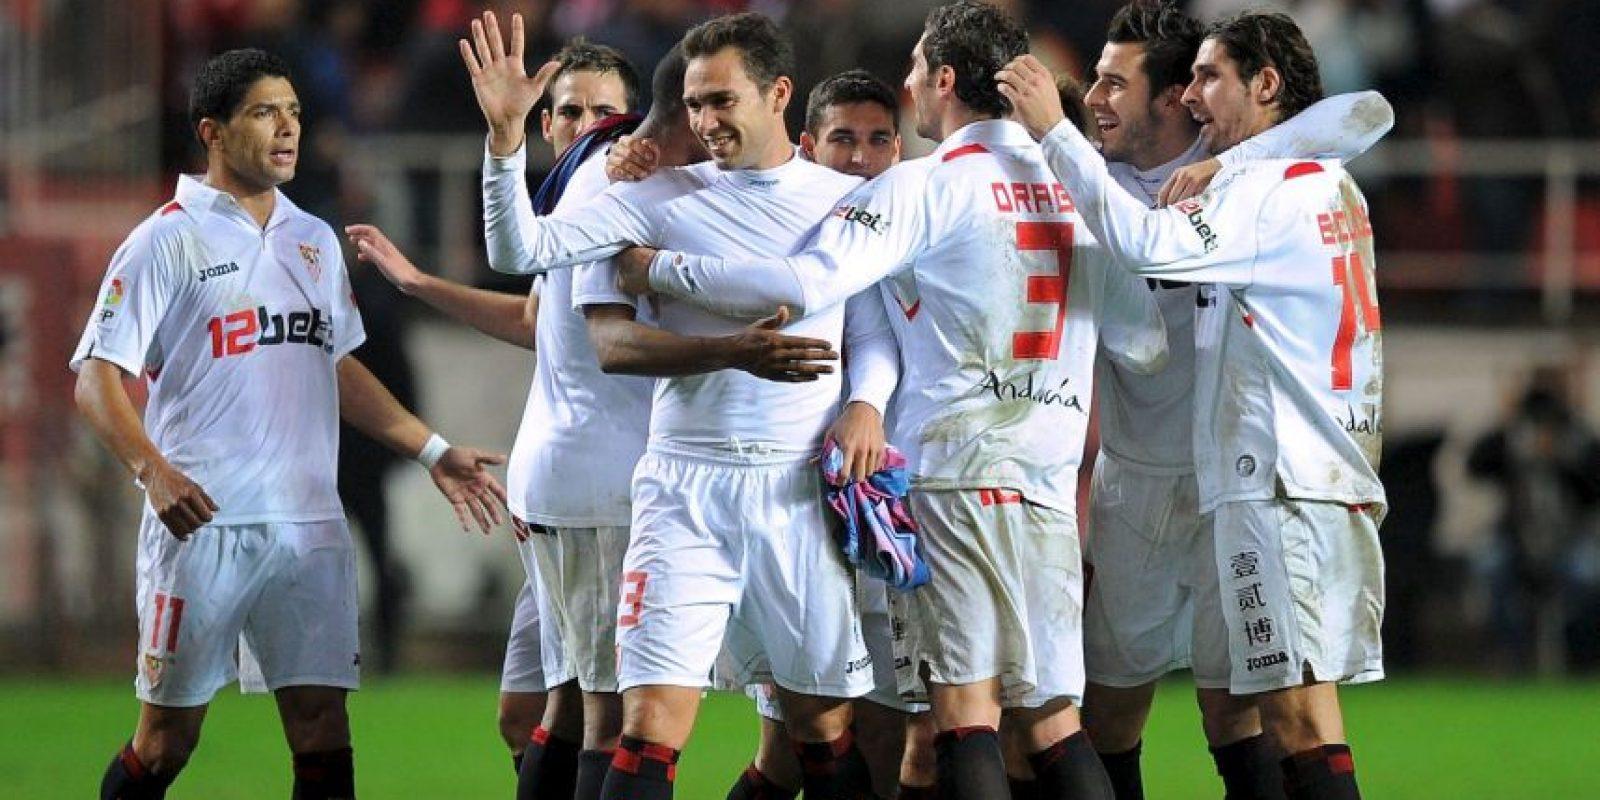 9. La última victoria del Sevilla ante el Barcelona fue en el duelo de ida de octavos de final de la Copa del Rey de 2010 con un marcador de 2-1 en el Camp Nou. Los andaluces terminarían campeones de este torneo. Foto:Getty Images